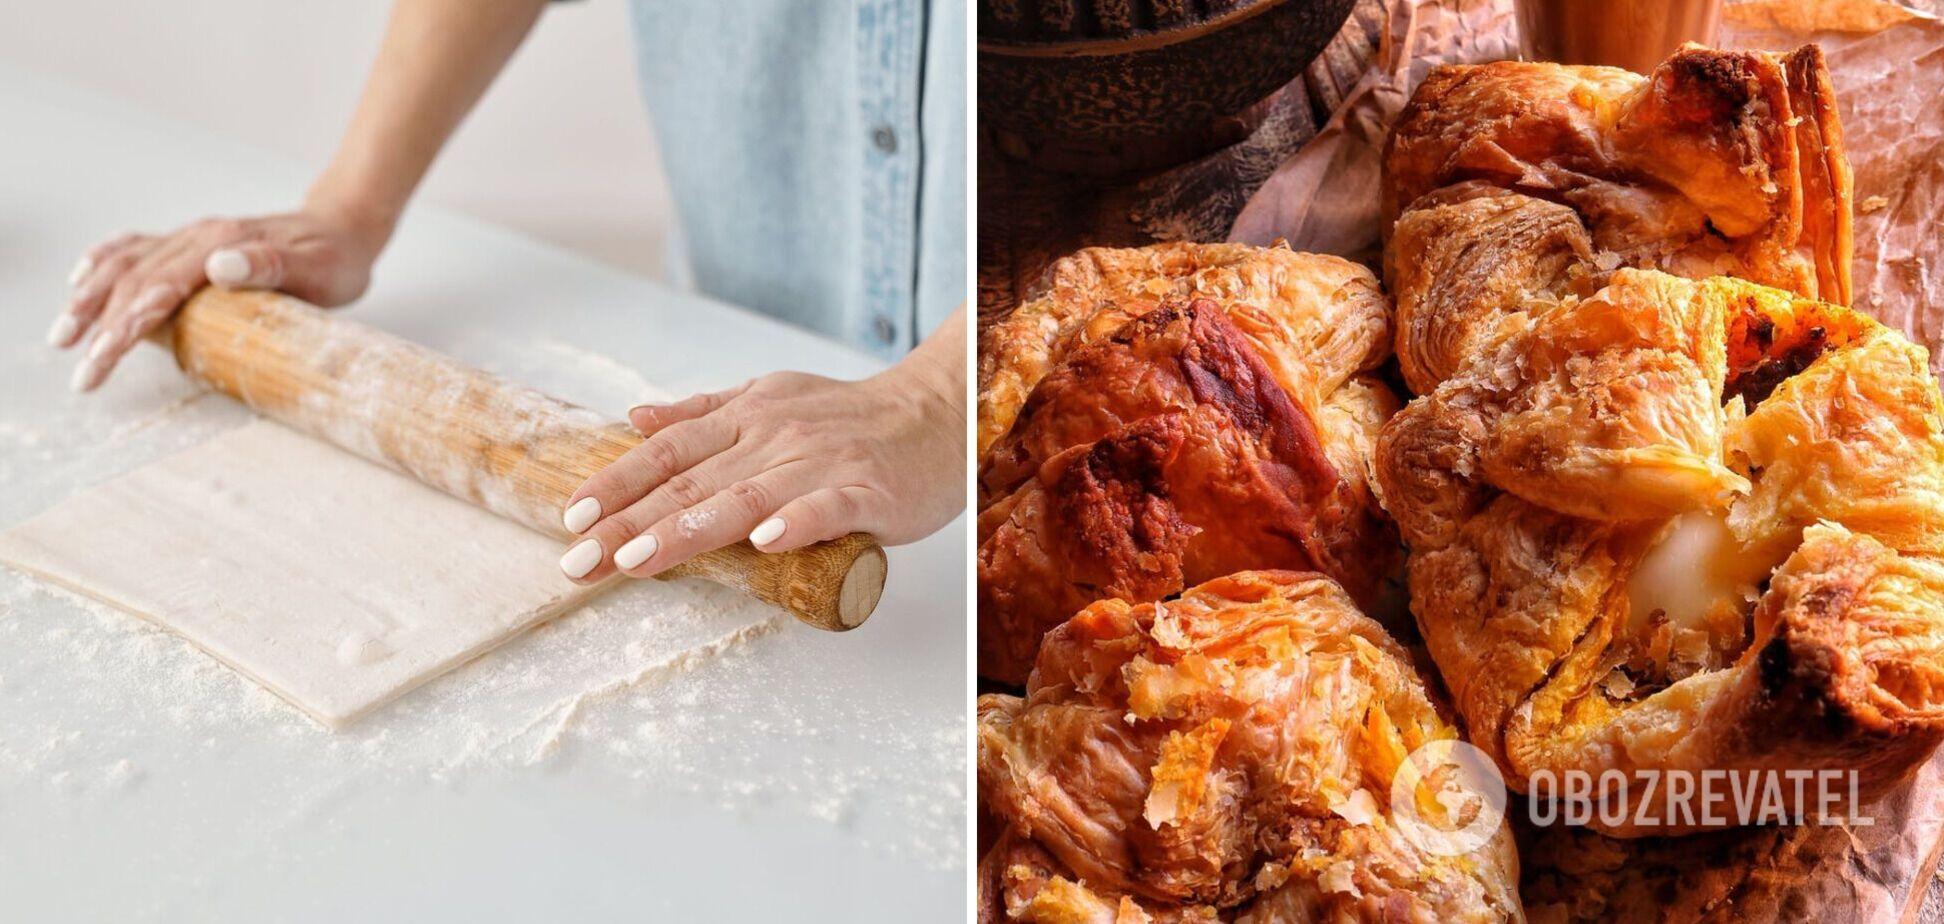 Що може зіпсувати домашнє листкове тісто: поради експертів